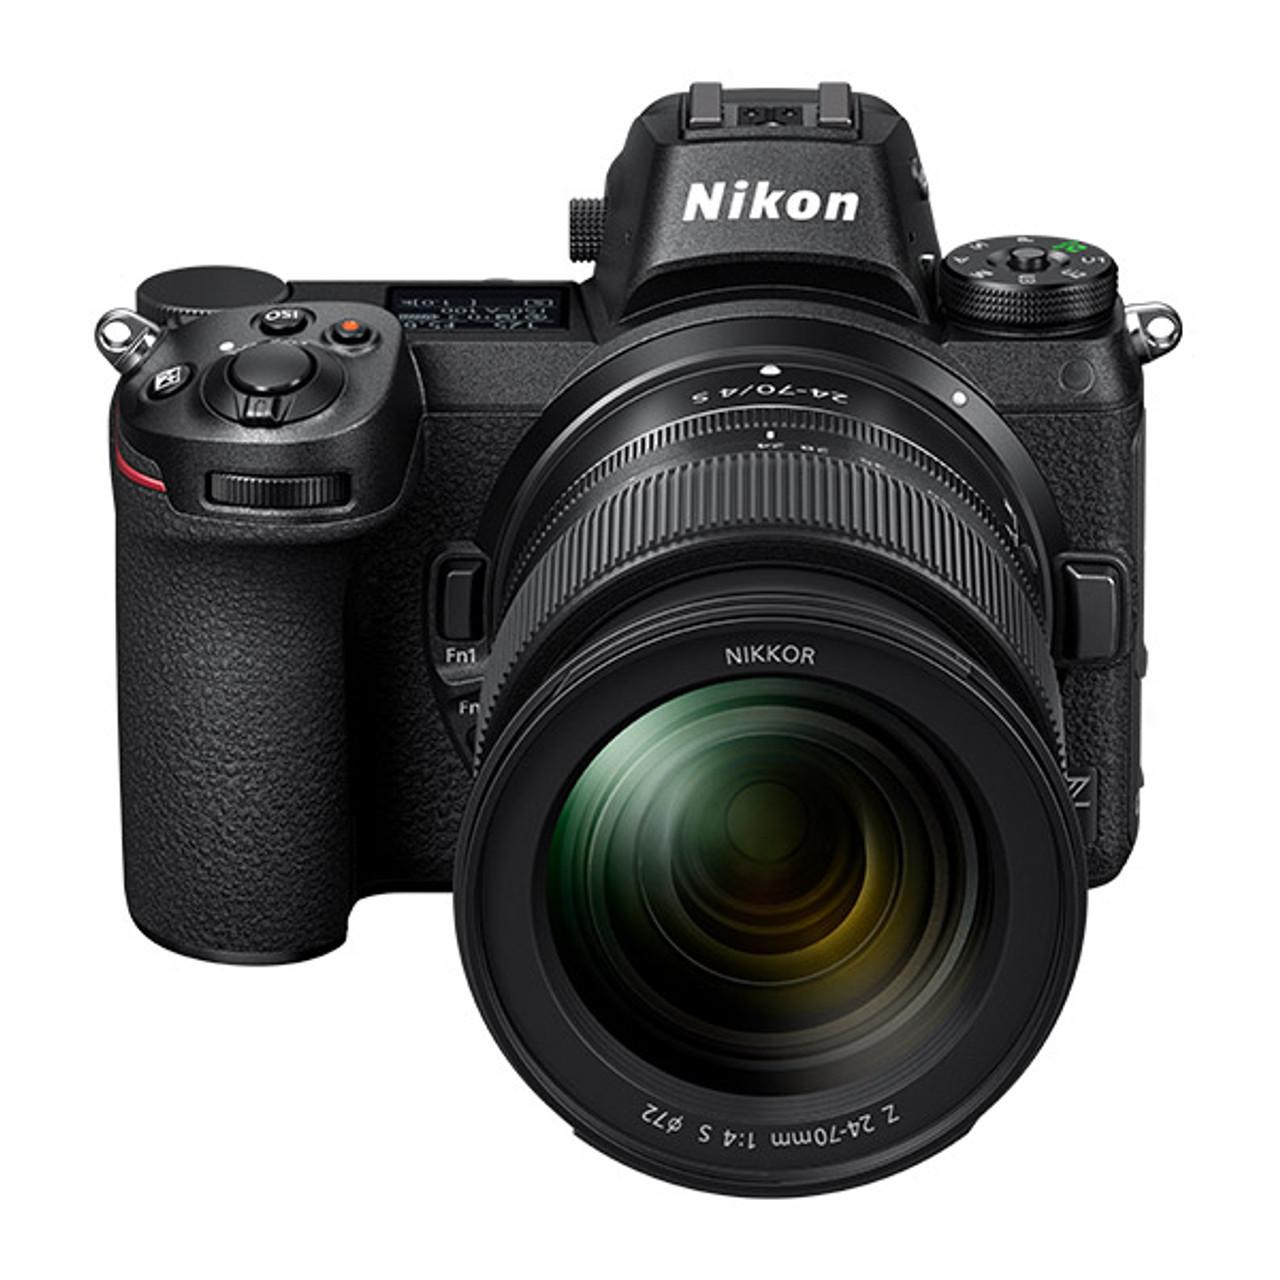 Nikon Z 6 24-70mm f/4 S Kit